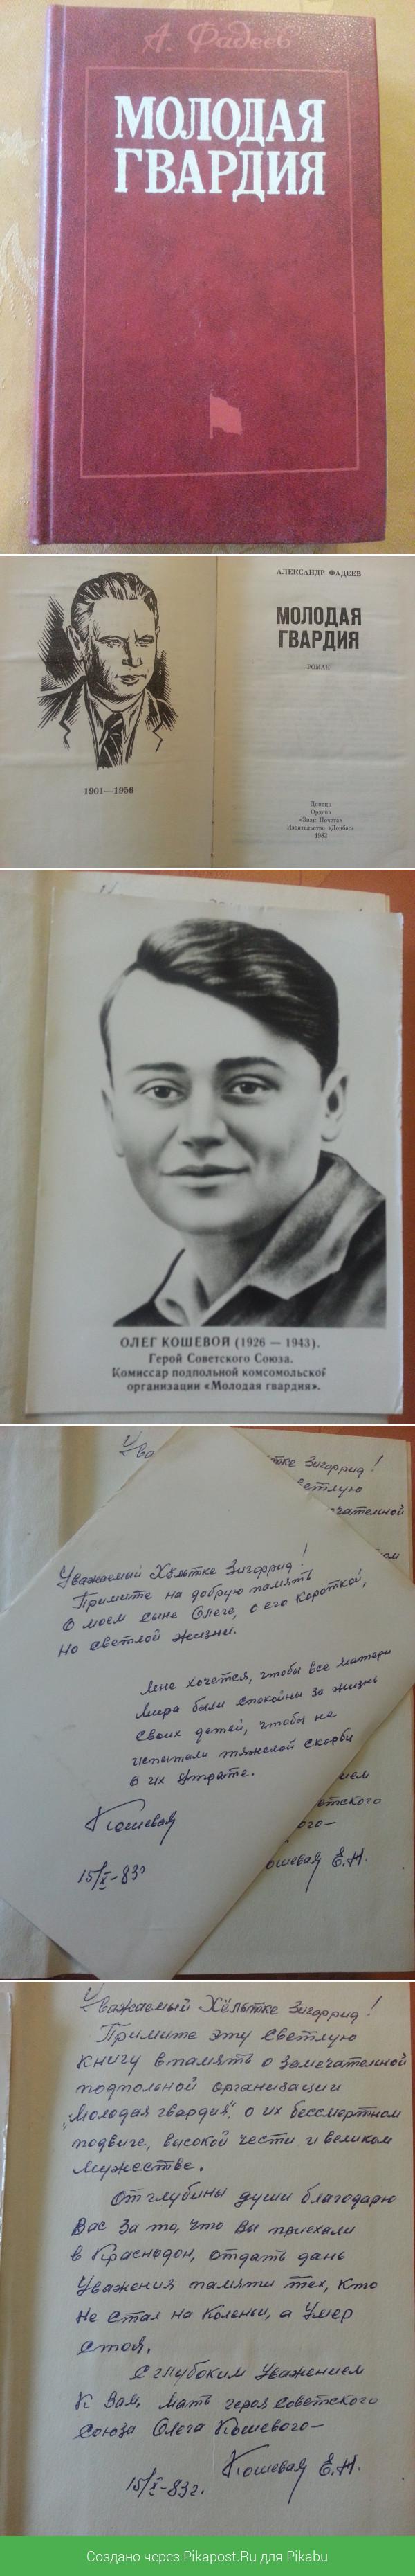 На книжных развалах найдена книга Александр Фадеев, Кошевой, Молодая гвардия, Длиннопост